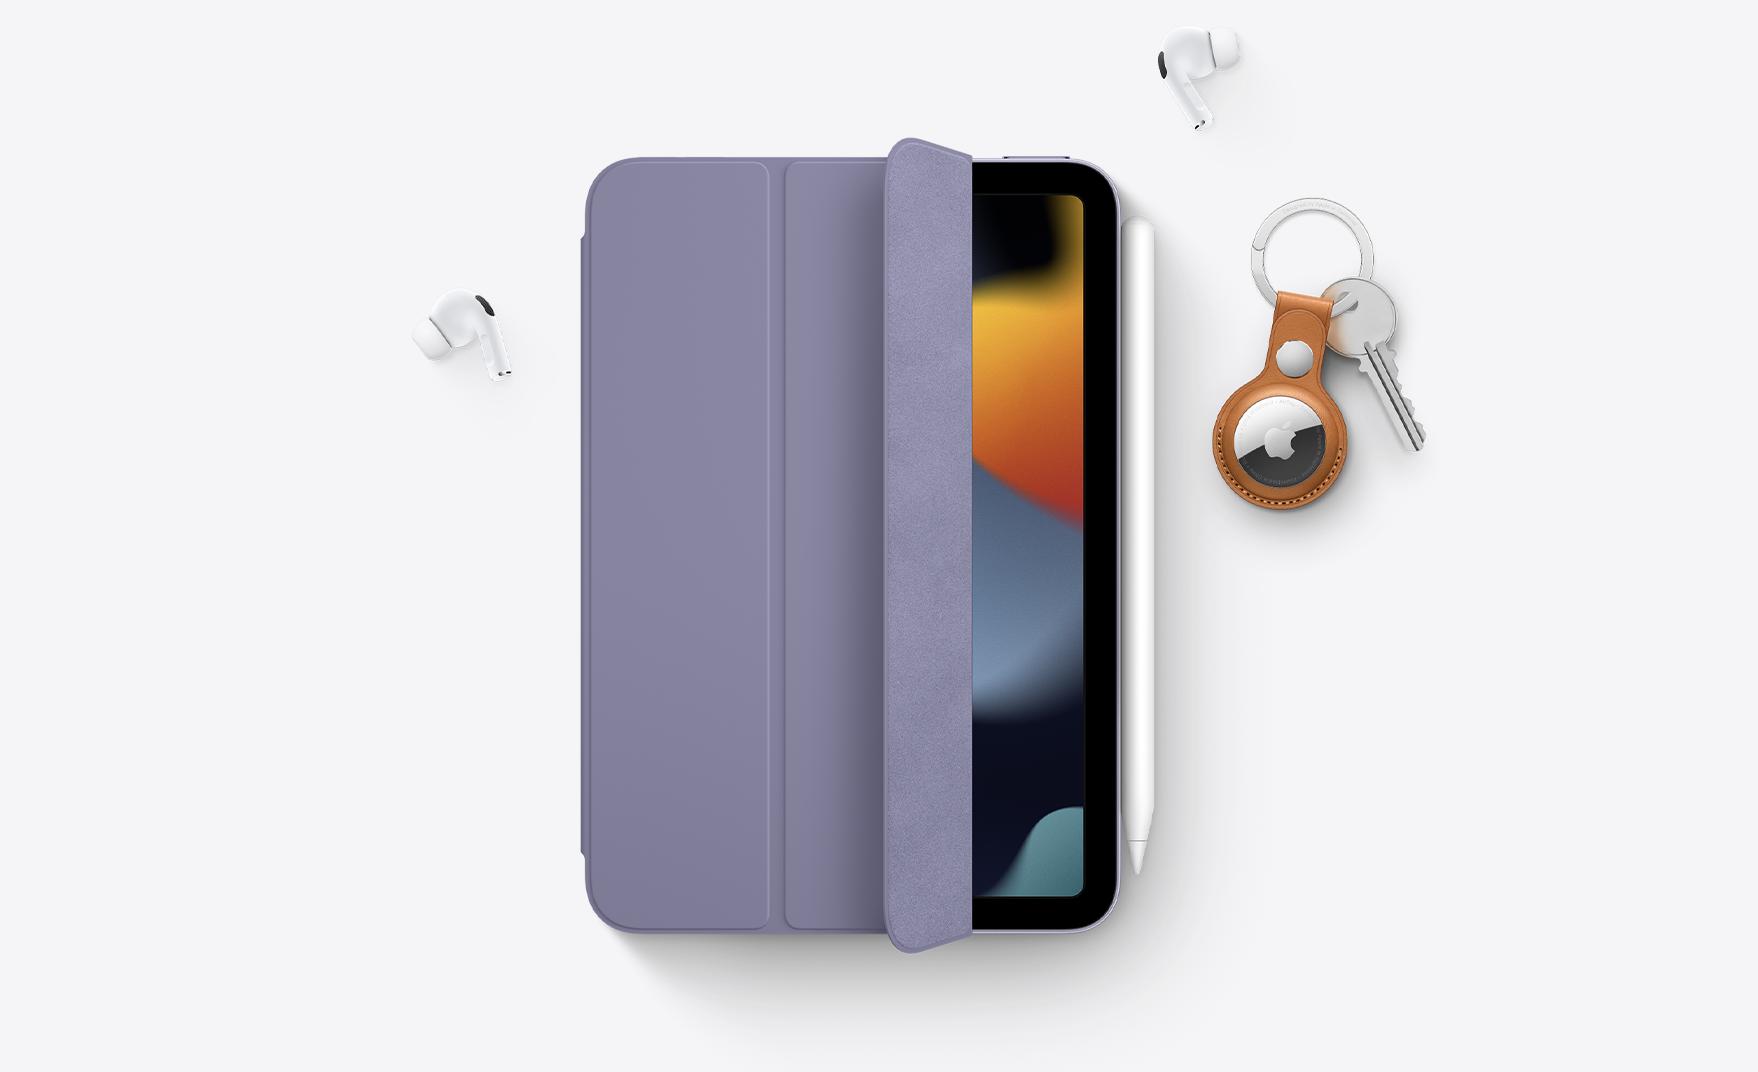 [2021年]iPad mini 6おすすめケース・カバーランキング10選!頑丈・おしゃれ・人気